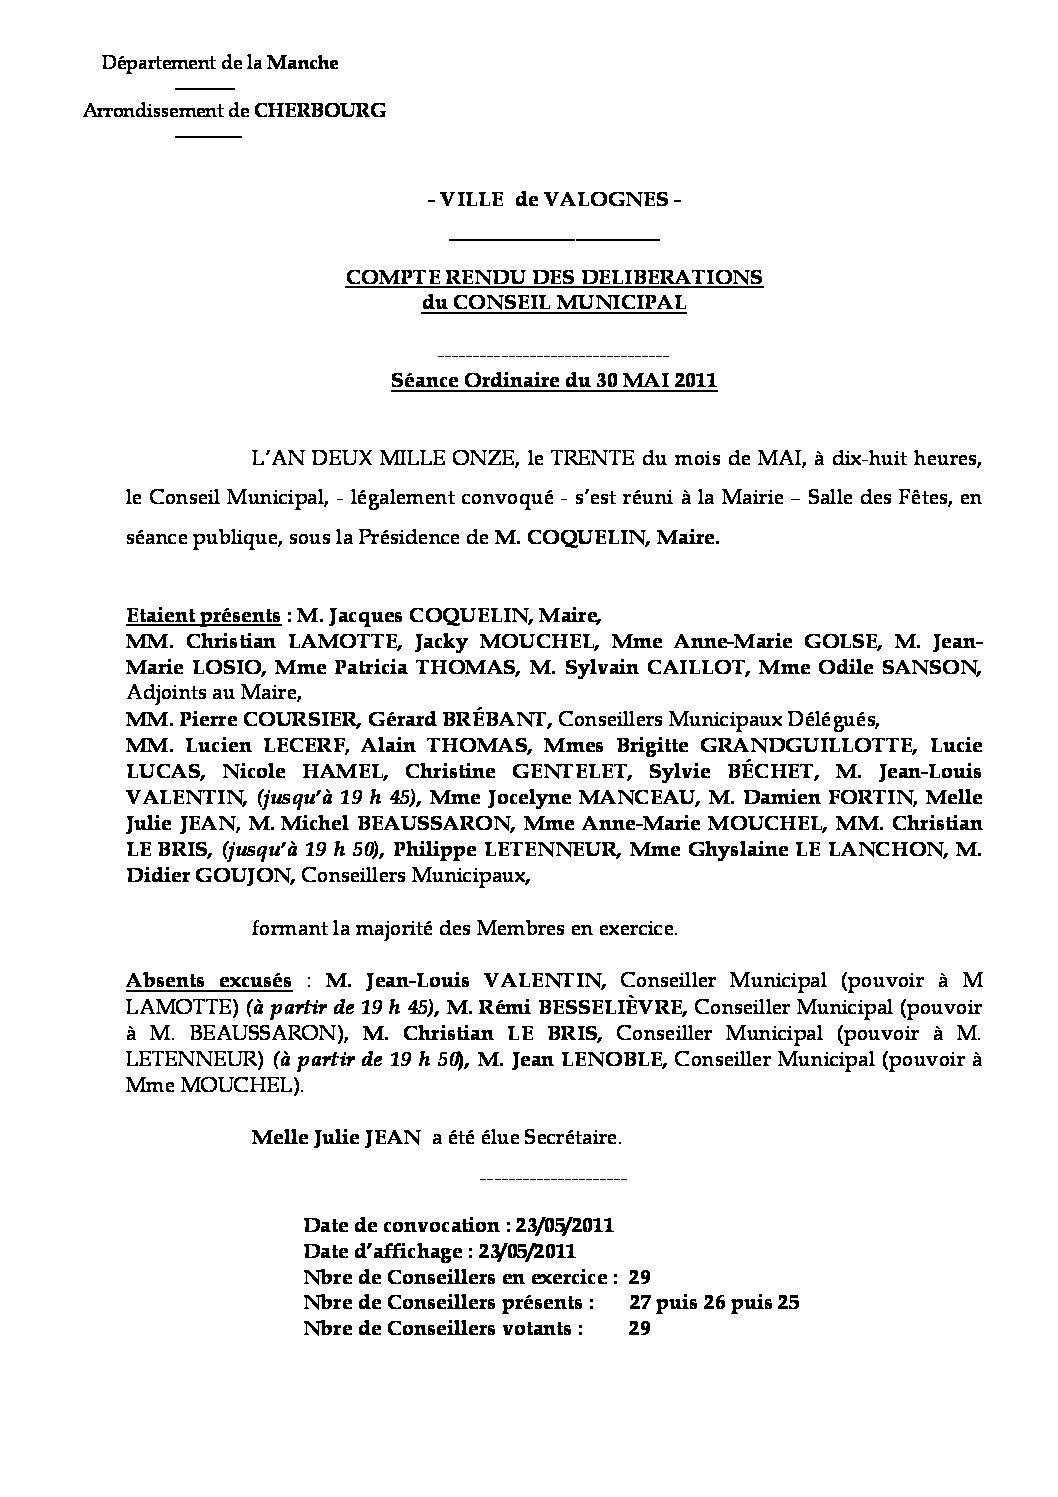 Extrait du registre des délibérations du 30-05-2011 - Compte rendu des questions soumises à délibération lors de la réunion ordinaire du Conseil Municipal du lundi 30 mai 2011.